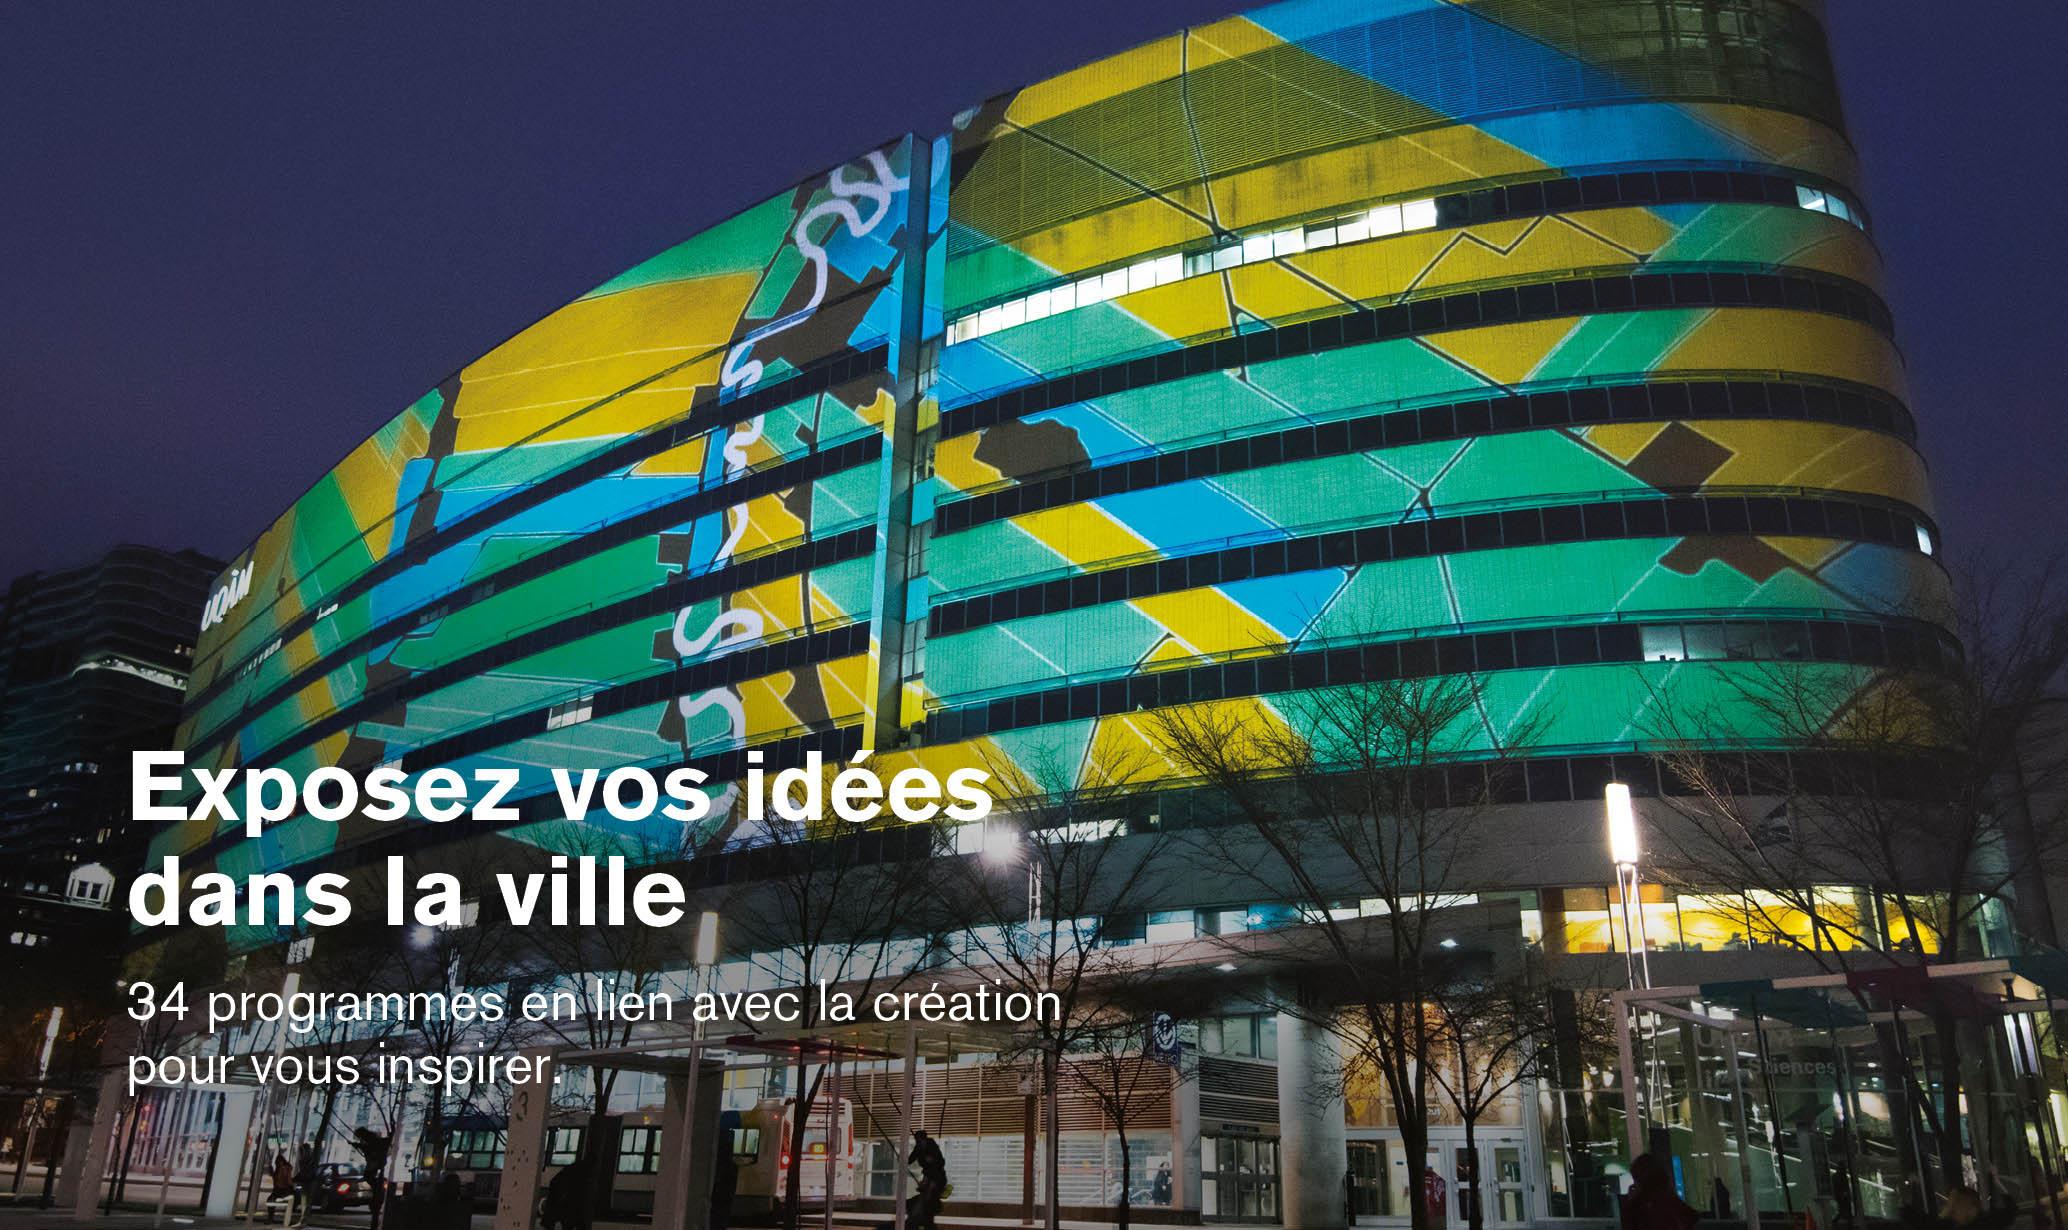 Exposez vos idées dans la ville | 34 programmes en lien avec la création pour vous inspirer.